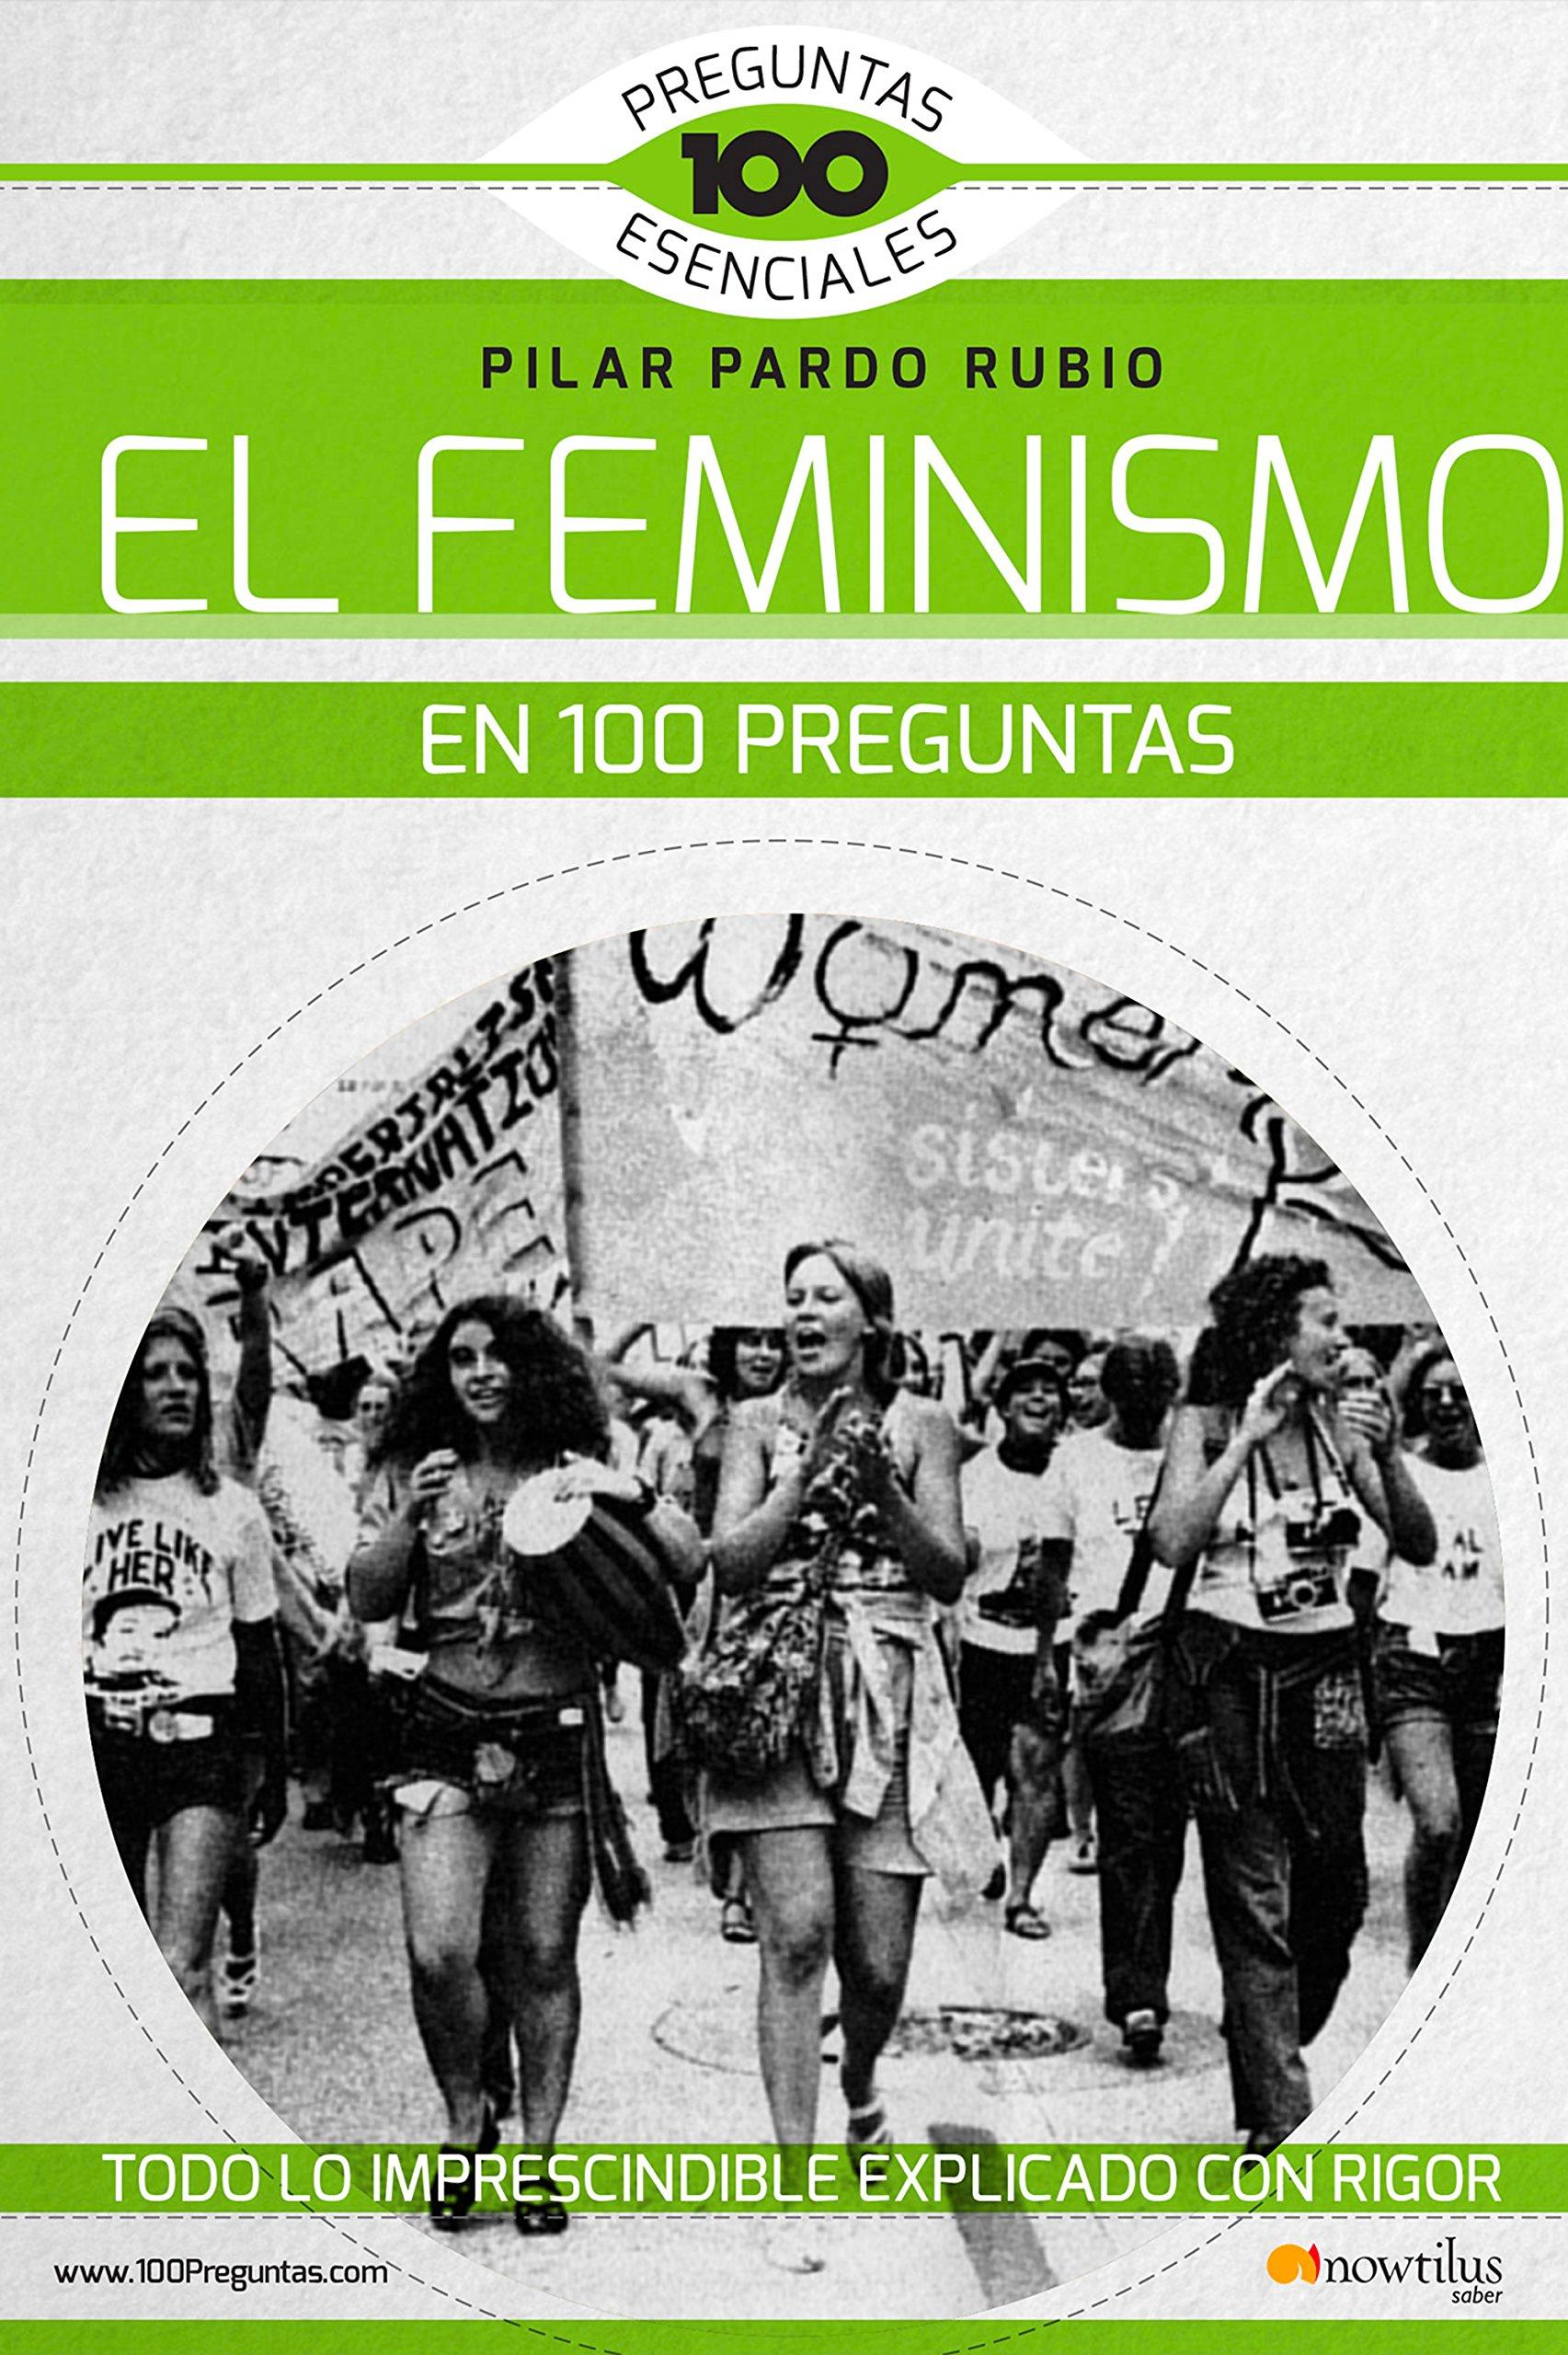 El Feminismo en 100 preguntas 100 Preguntas Esenciales: Amazon.es: Pardo Rubio, Pilar: Libros